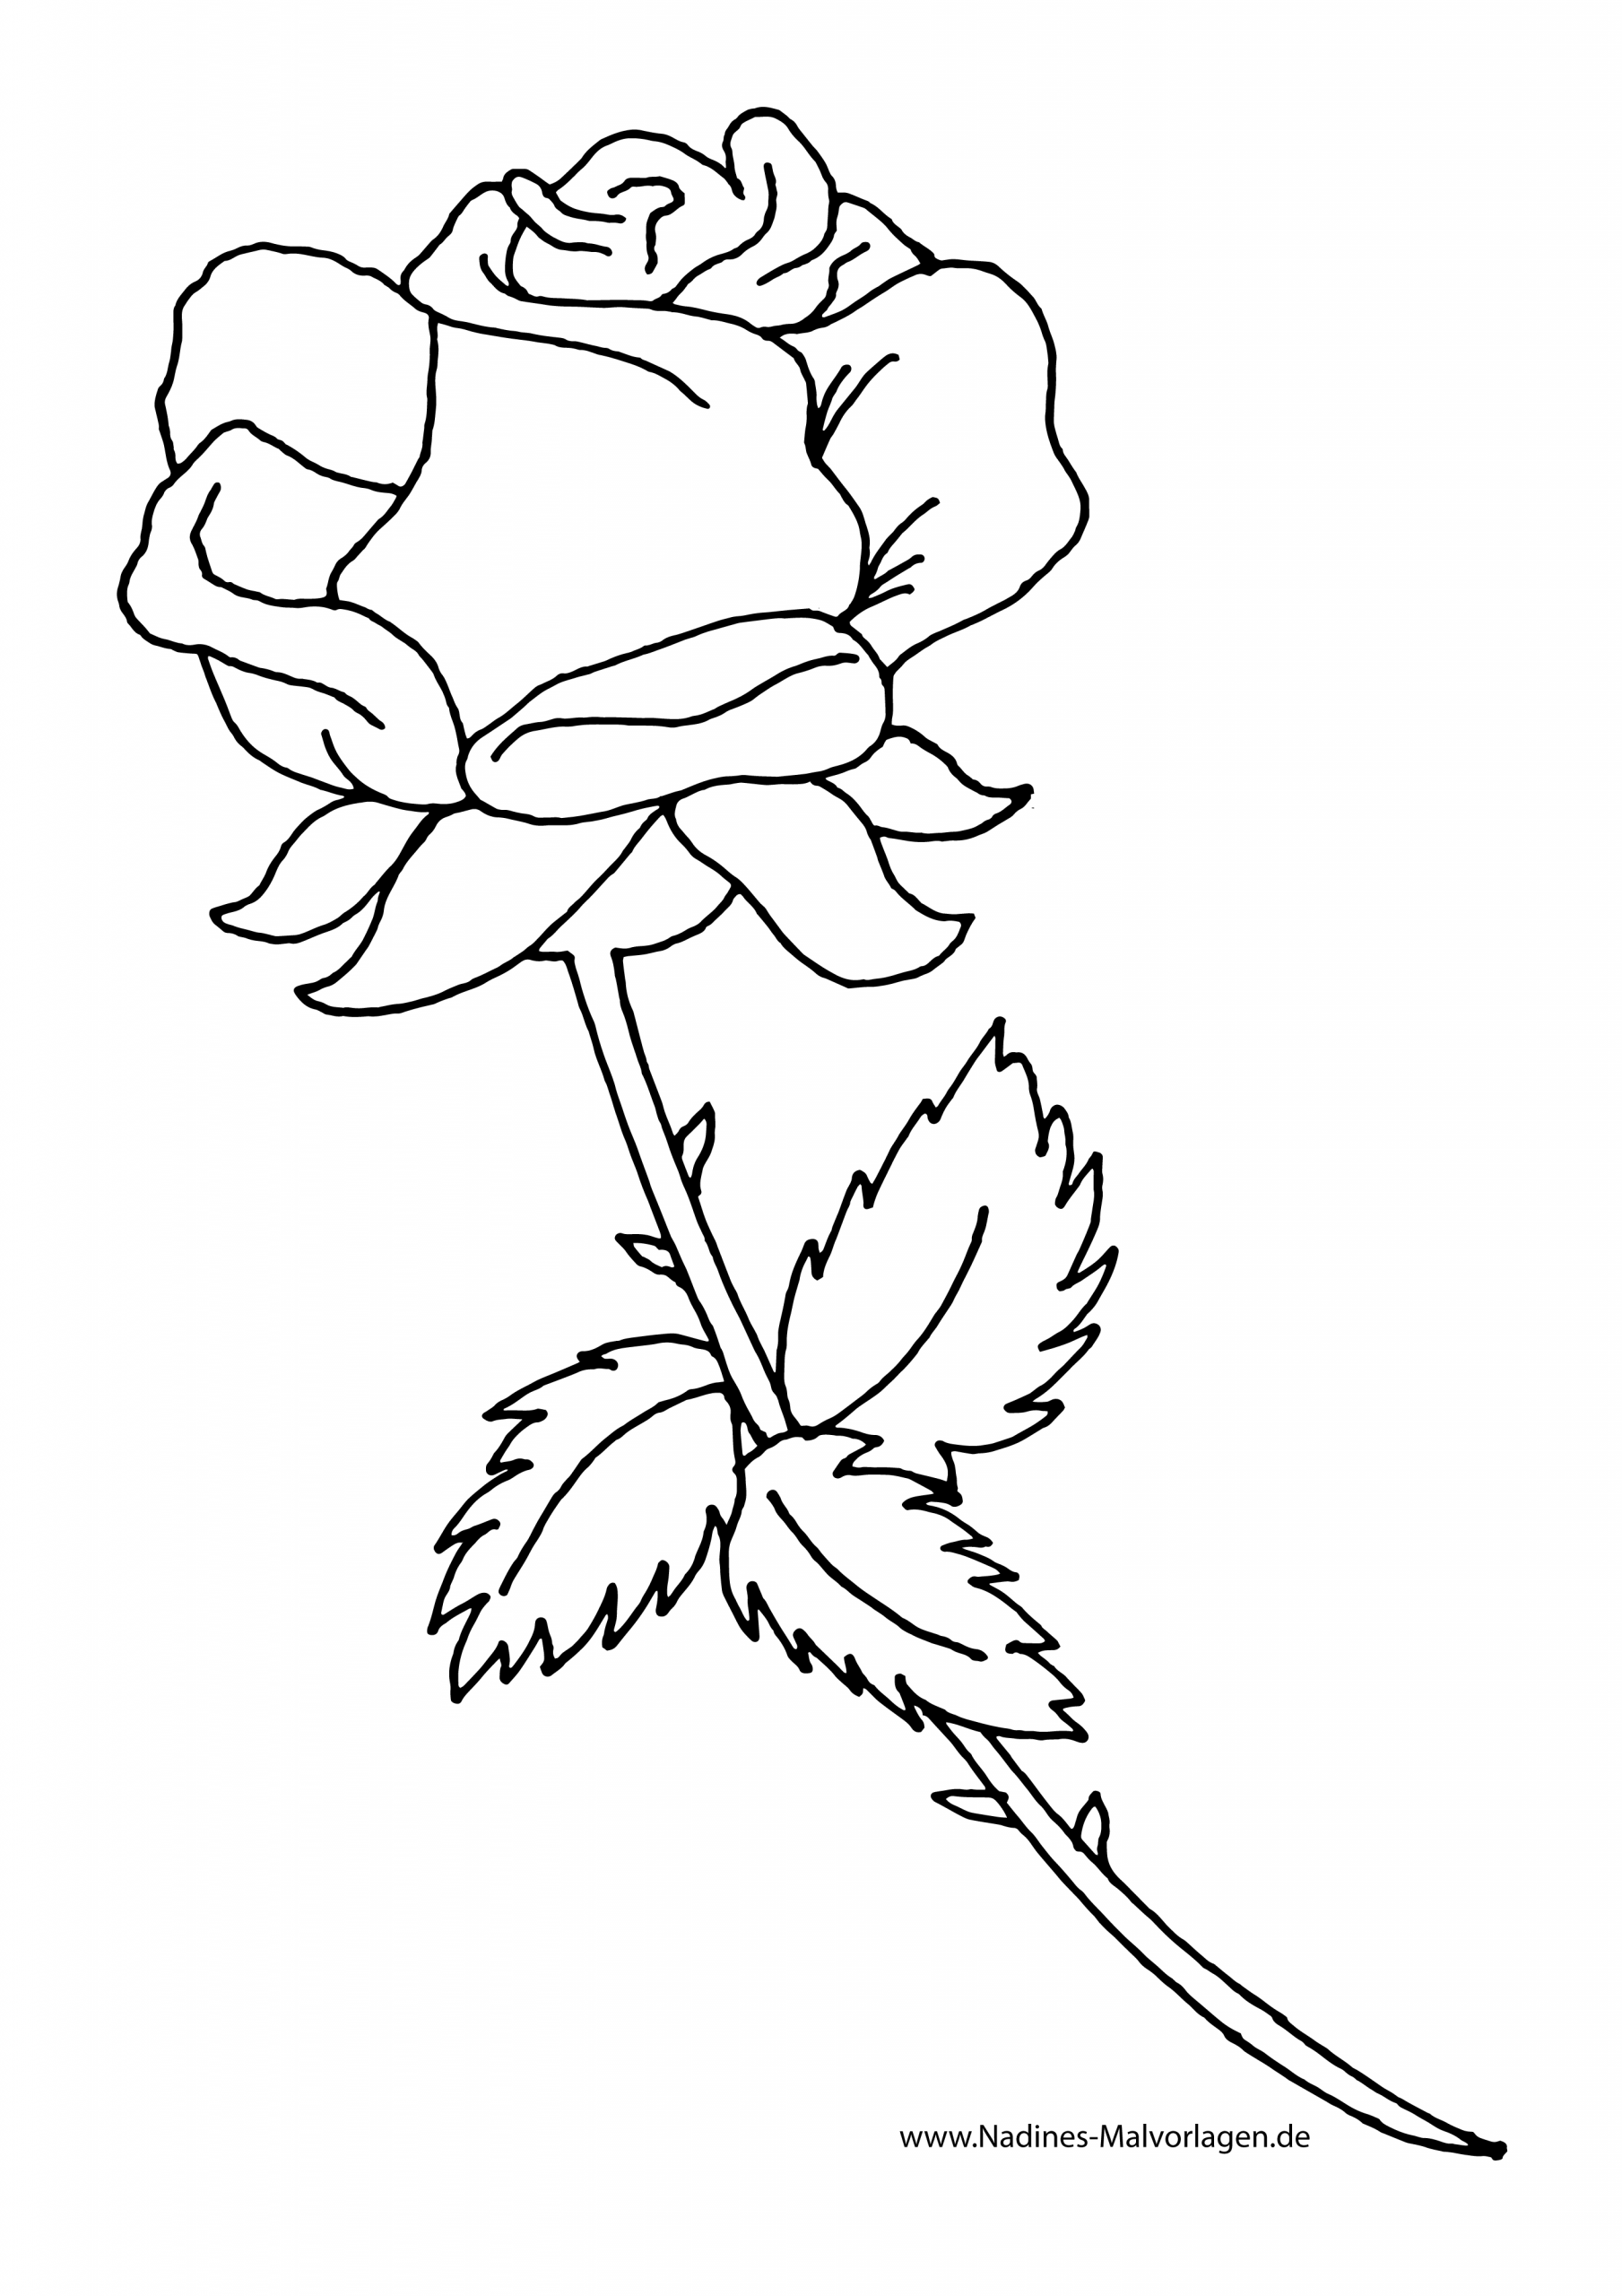 Rote Rose Zum Selbst Ausmalen - Nadines Ausmalbilder bestimmt für Rose Ausmalbild